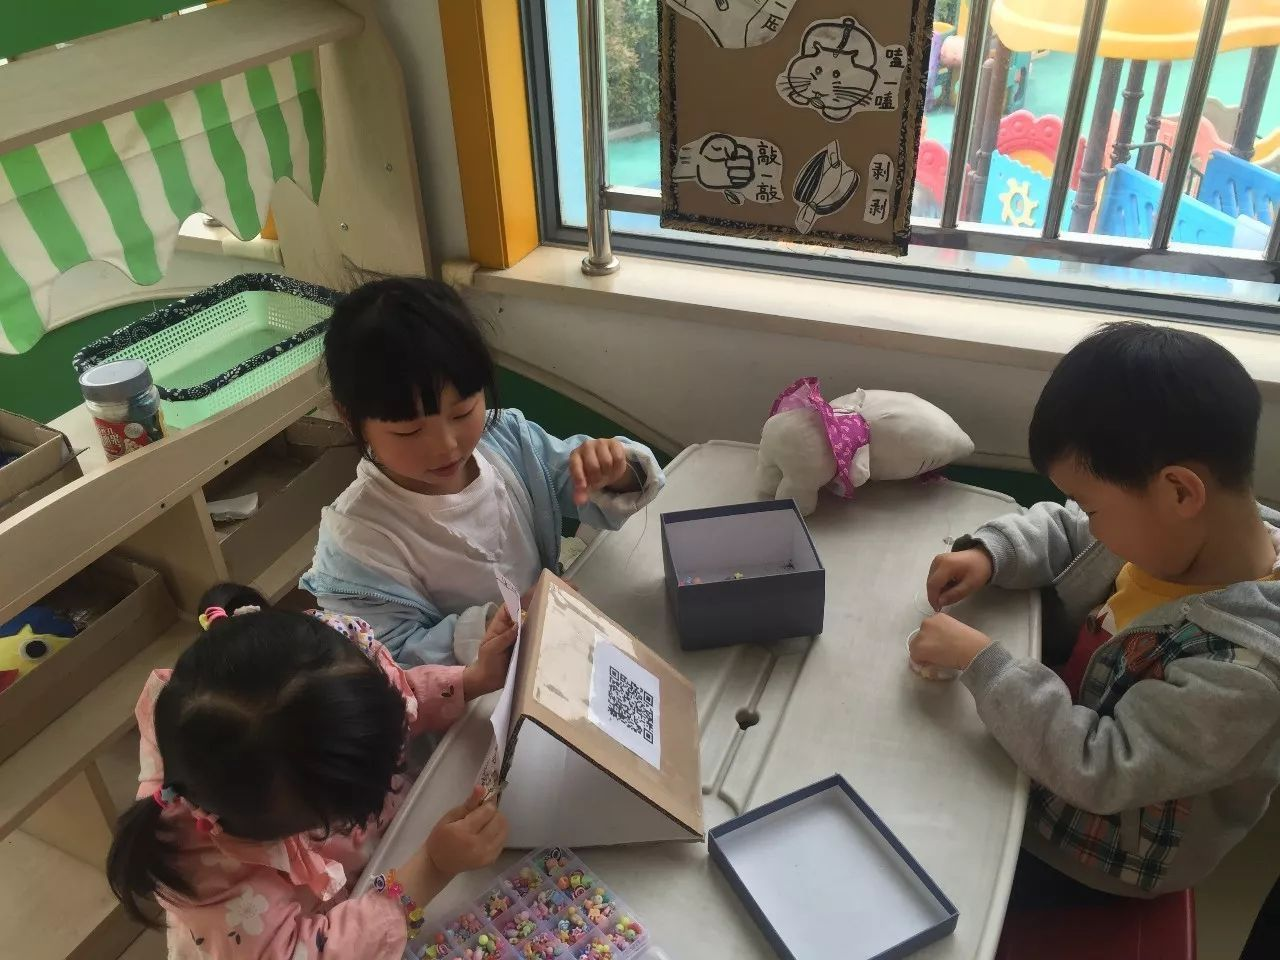 幼儿园105个游戏大全 - 道客巴巴